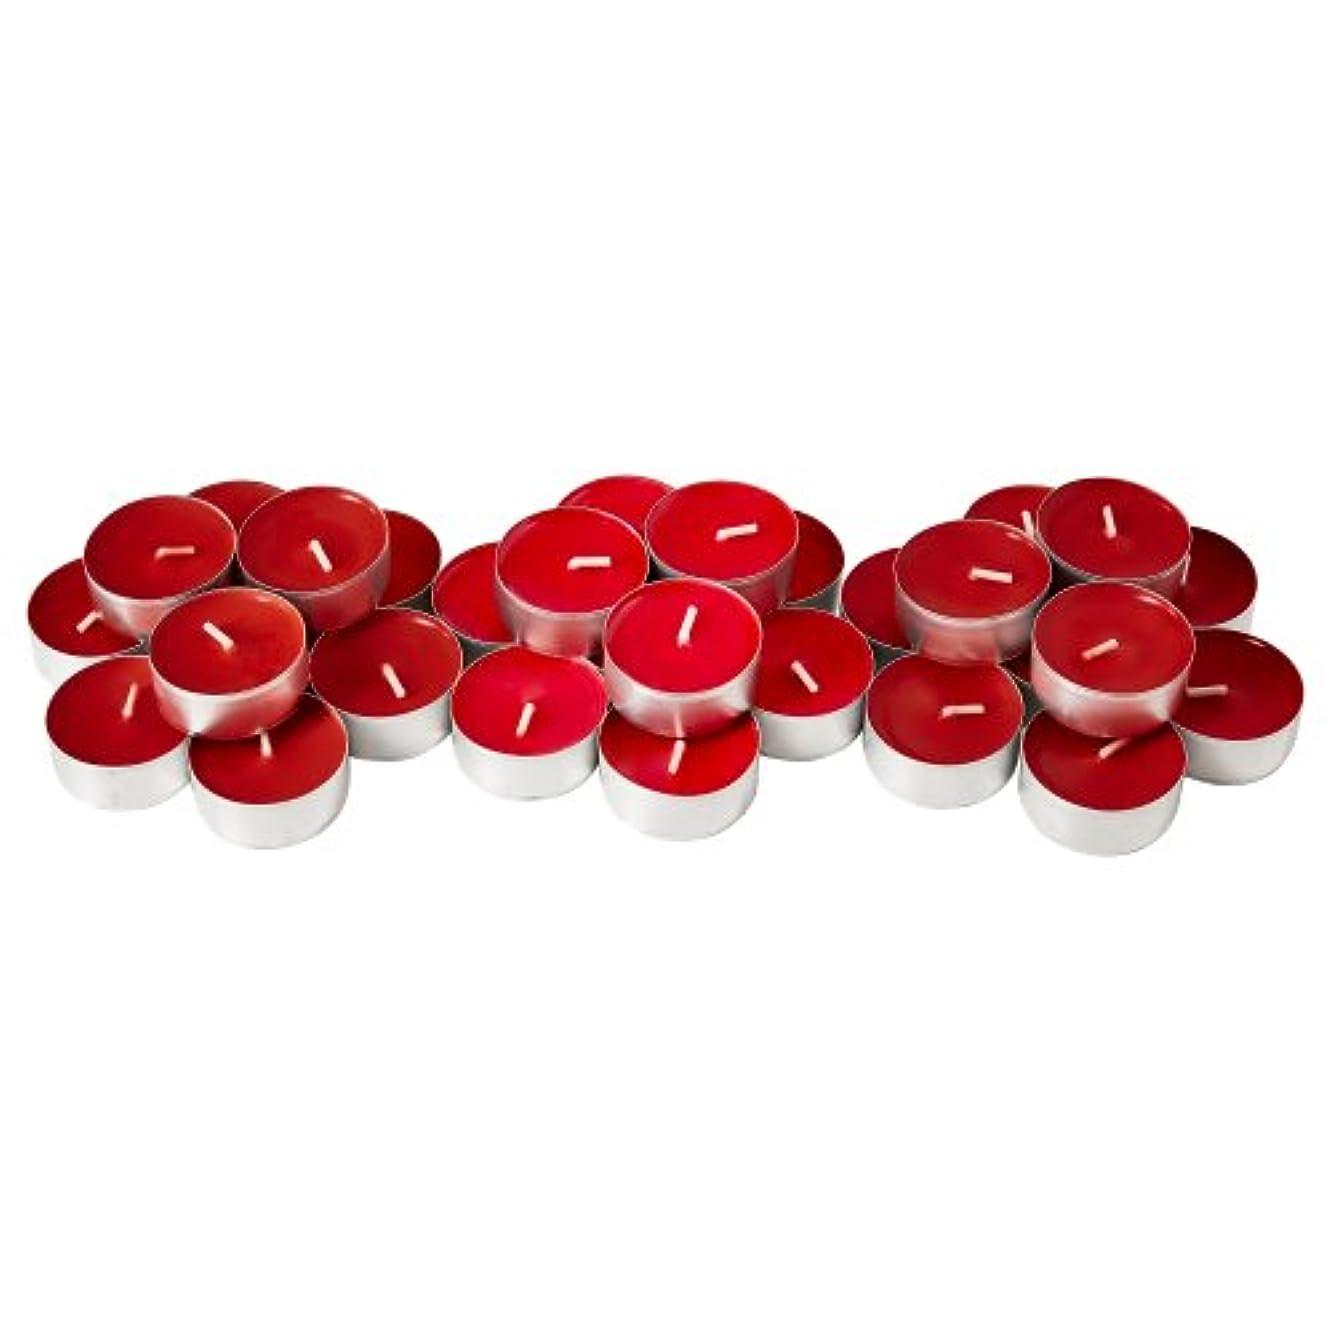 お祝い静かなアプライアンスIKEA SINNLIG 30237708 香り付ティーライト スイートベリー レッド 30 ピース